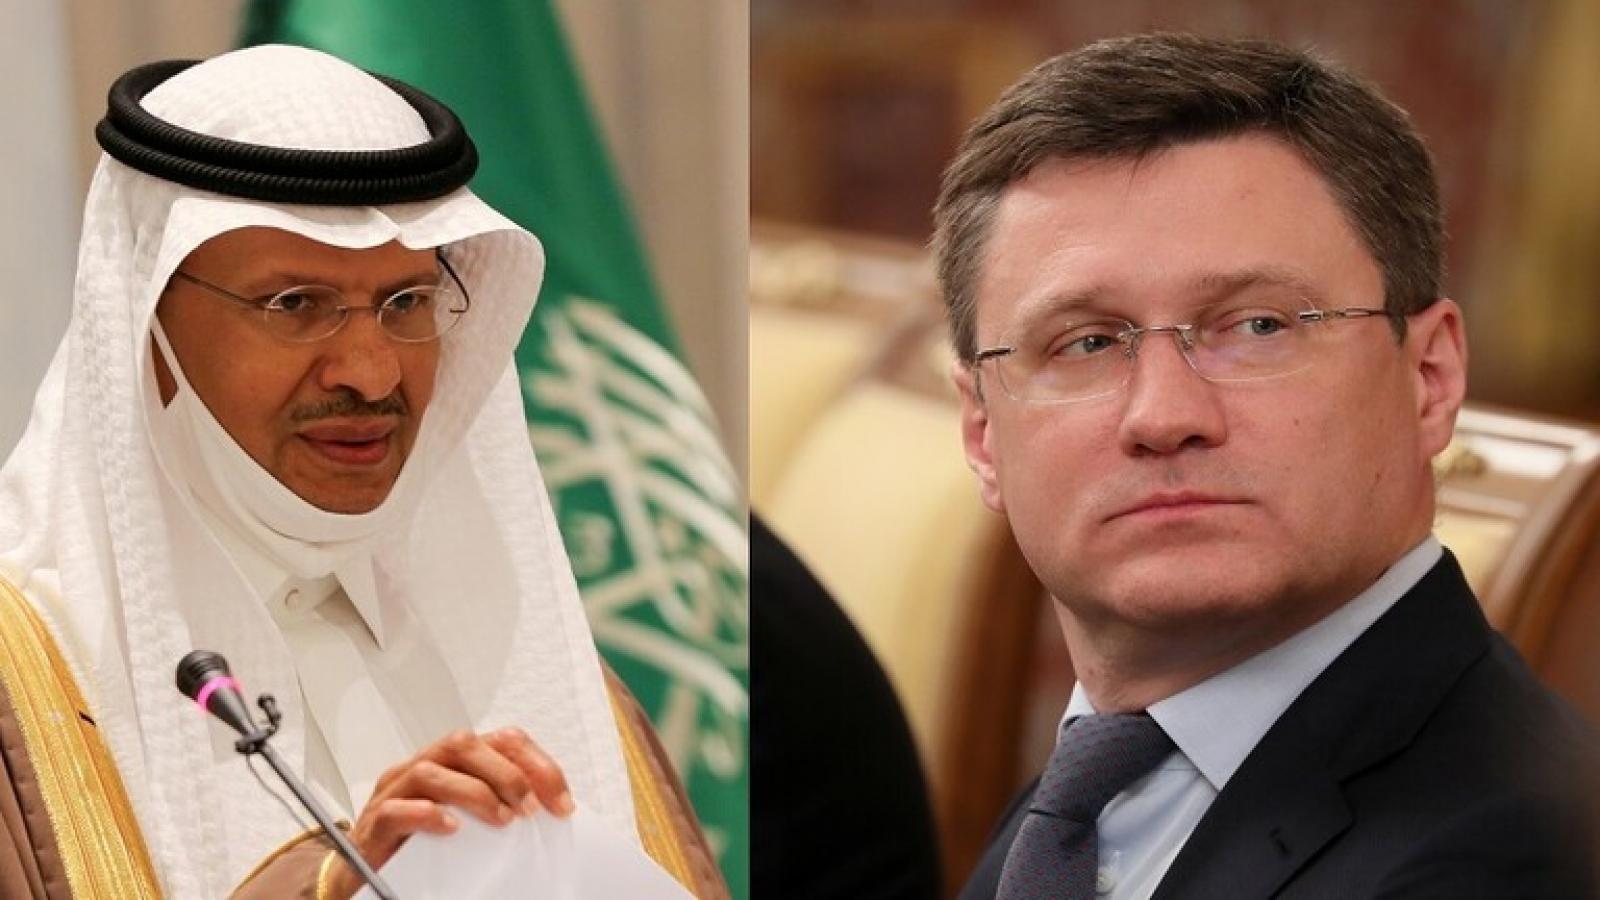 Saudi Arabia và Nga cam kết các thỏa thuận OPEC+